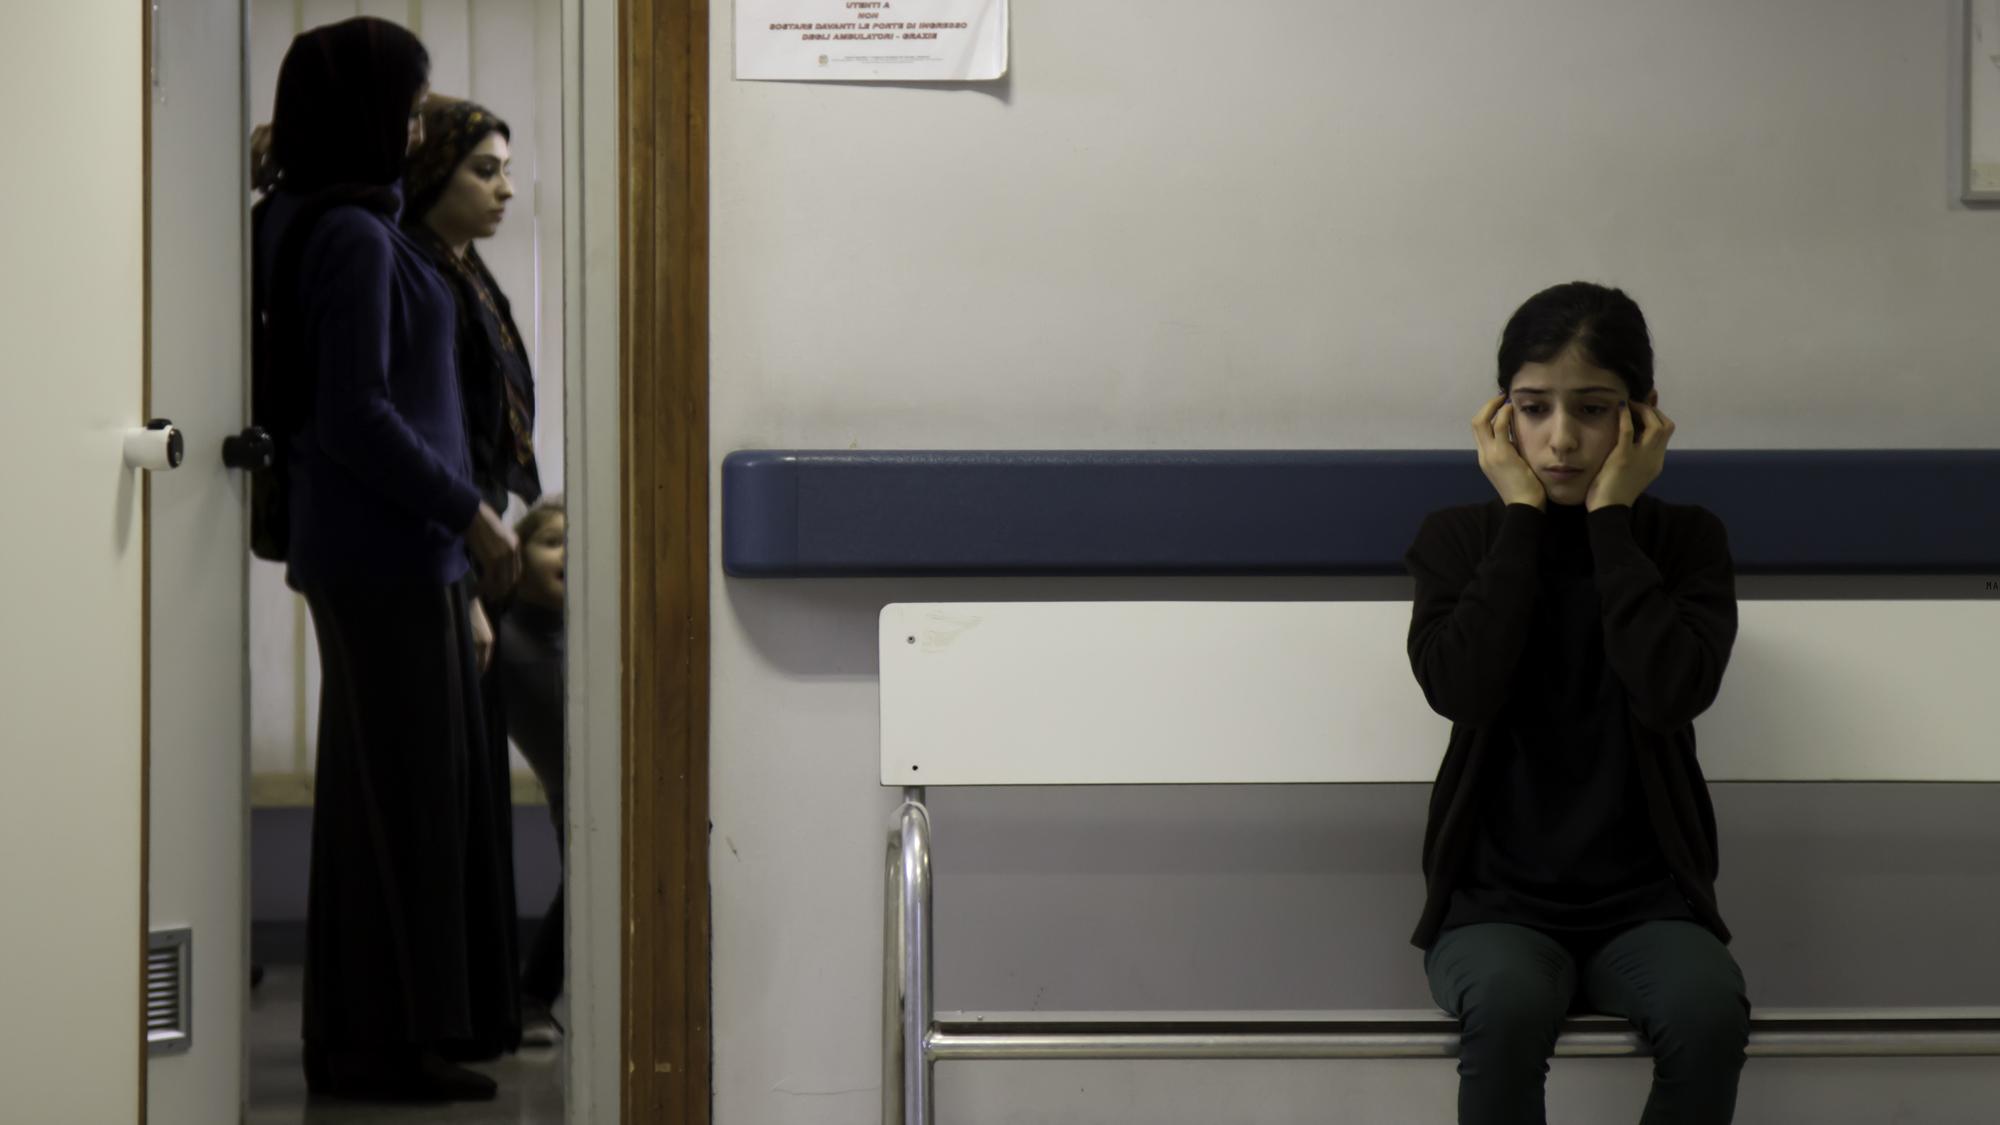 Il Silenzio<br/> <span> Ali Asgari e Farnoosh Samadi </span>